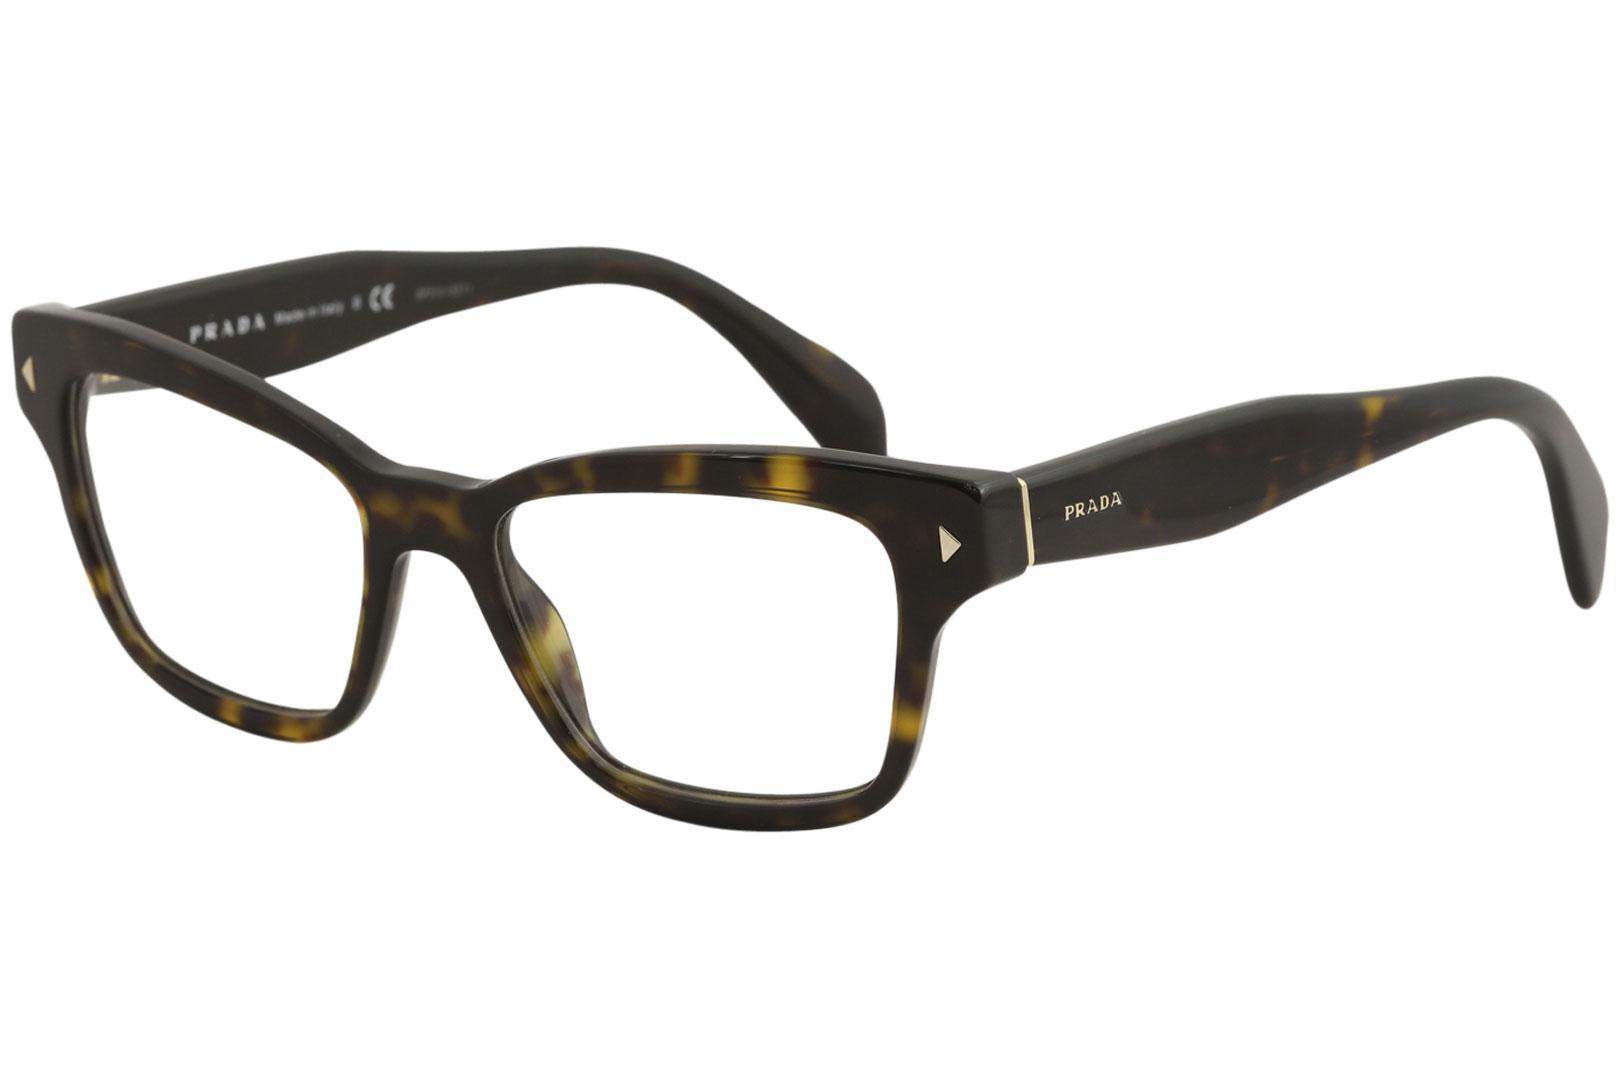 Prada Women\'s Eyeglasses VPR 10SF 10S-F Full Rim Optical Frame ...